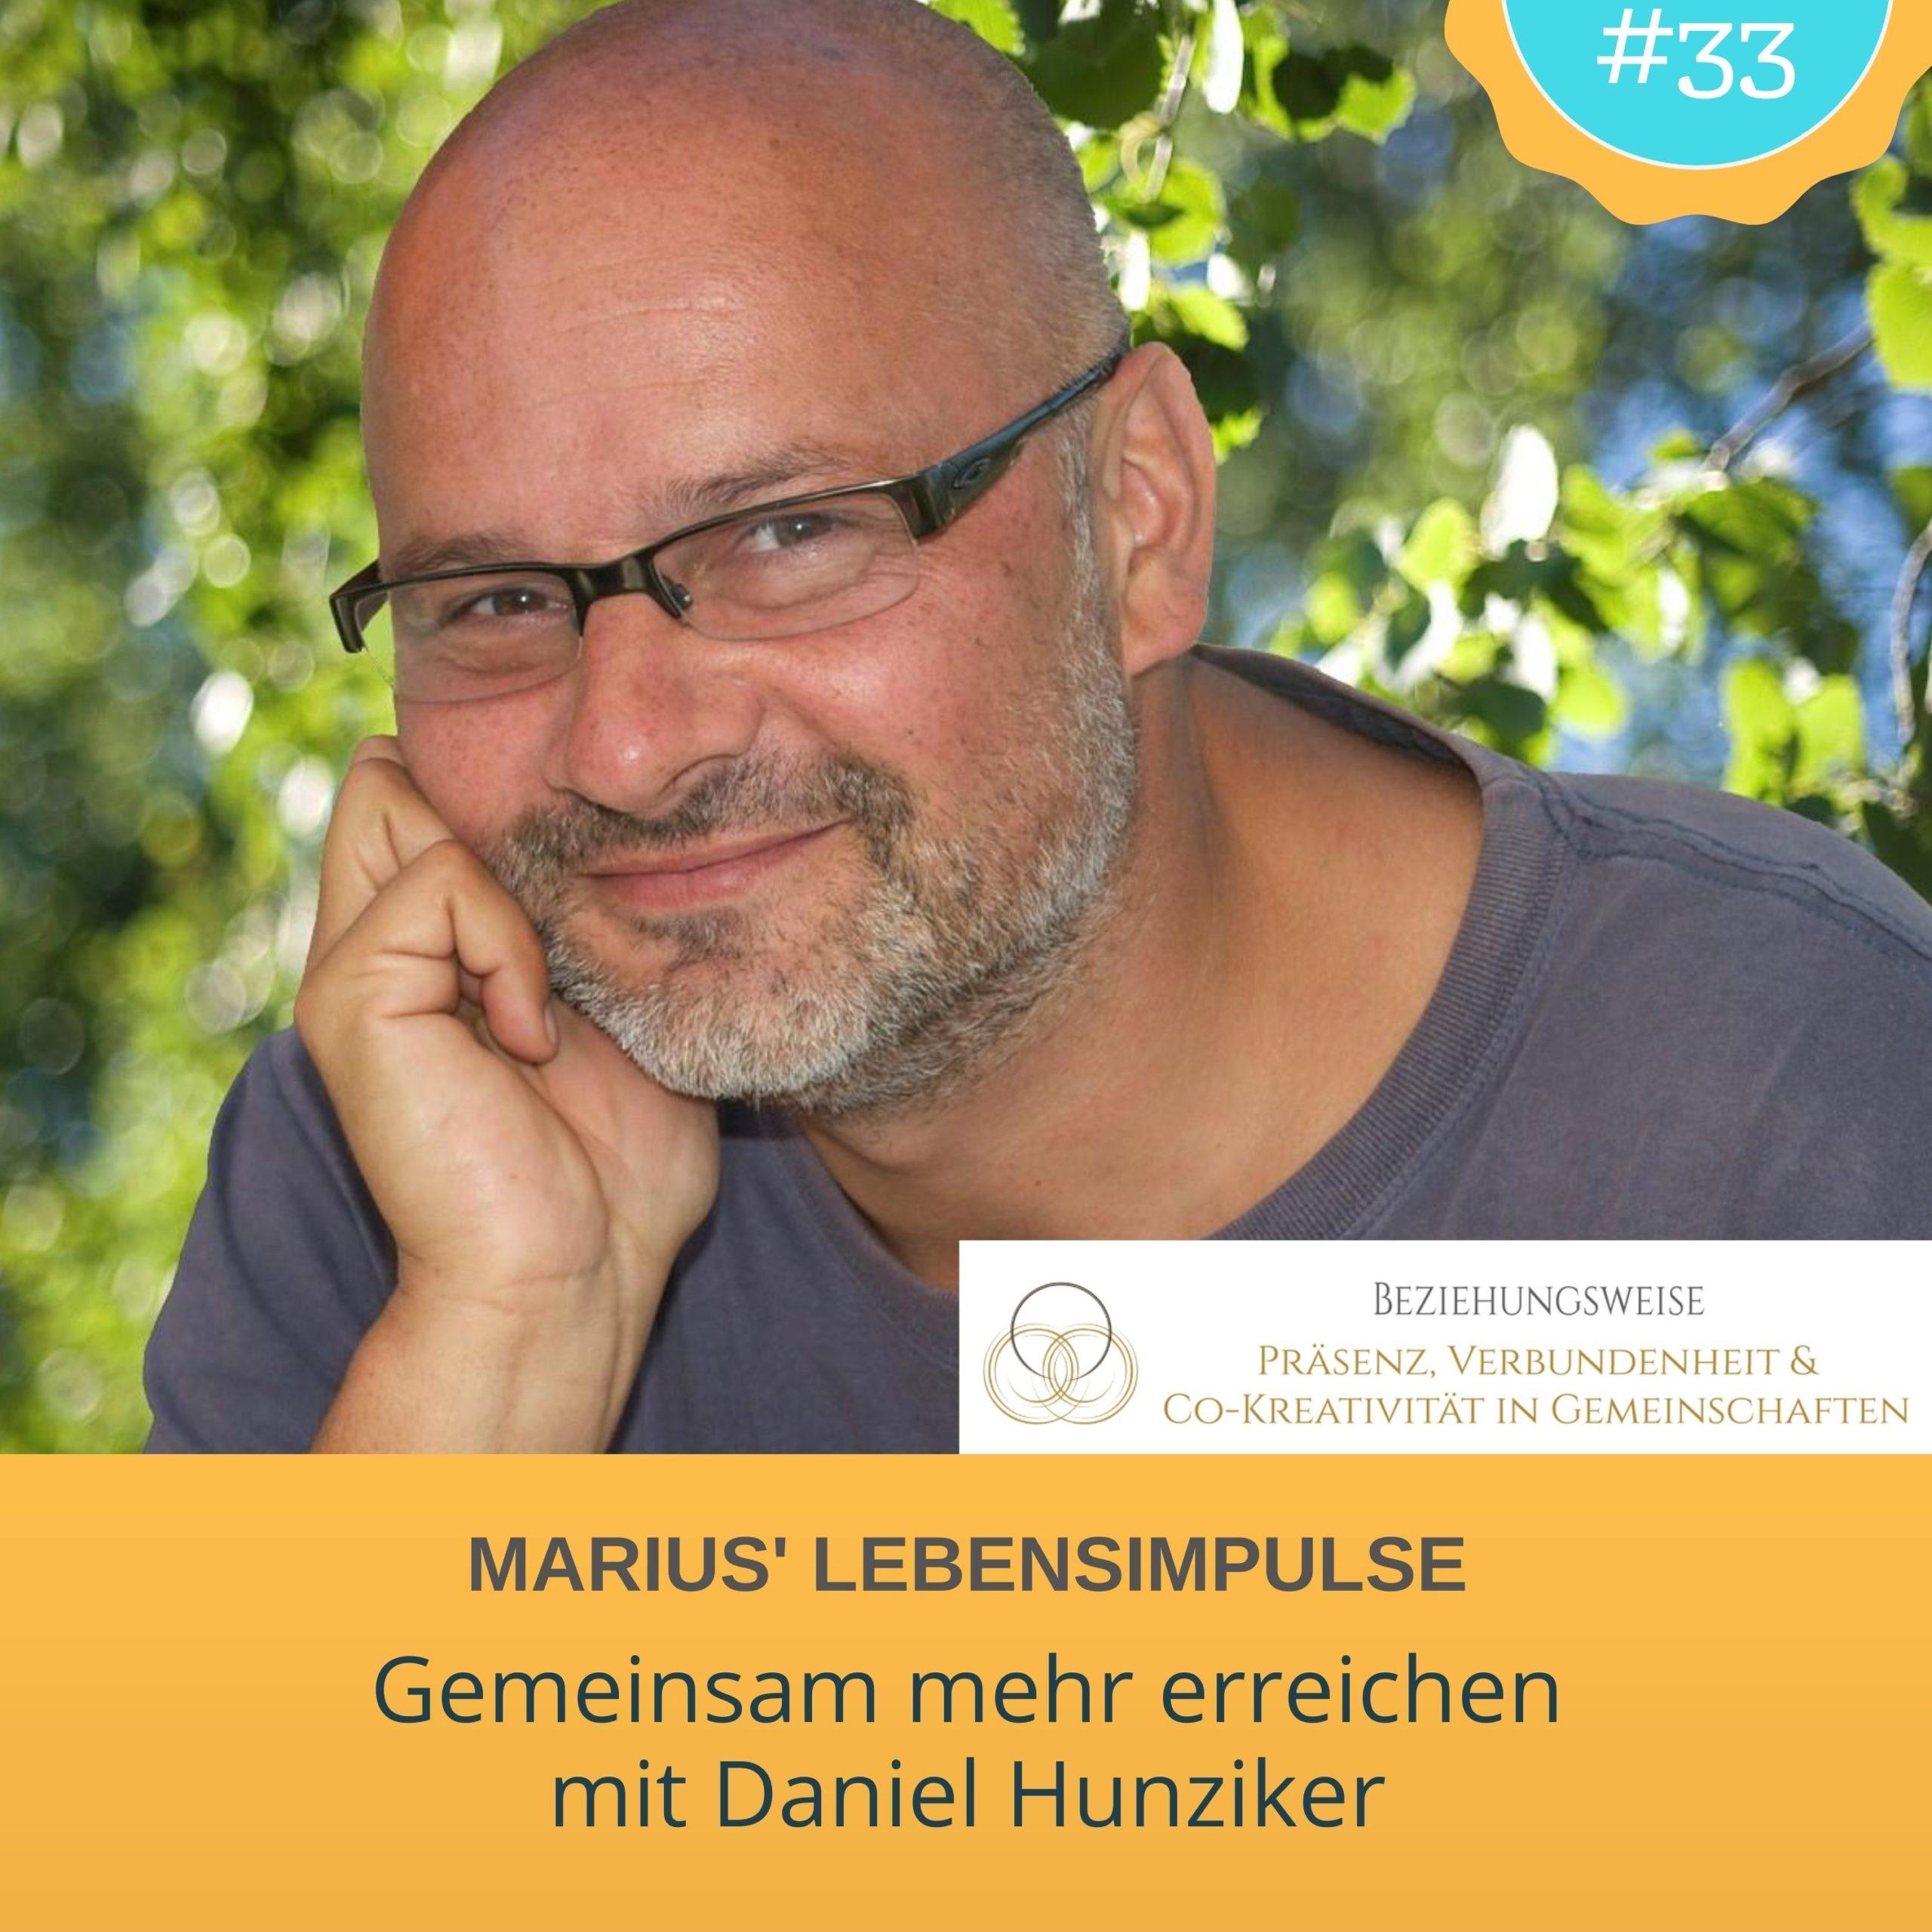 Gemeinsam mehr erreichen – mit Daniel Hunziker.